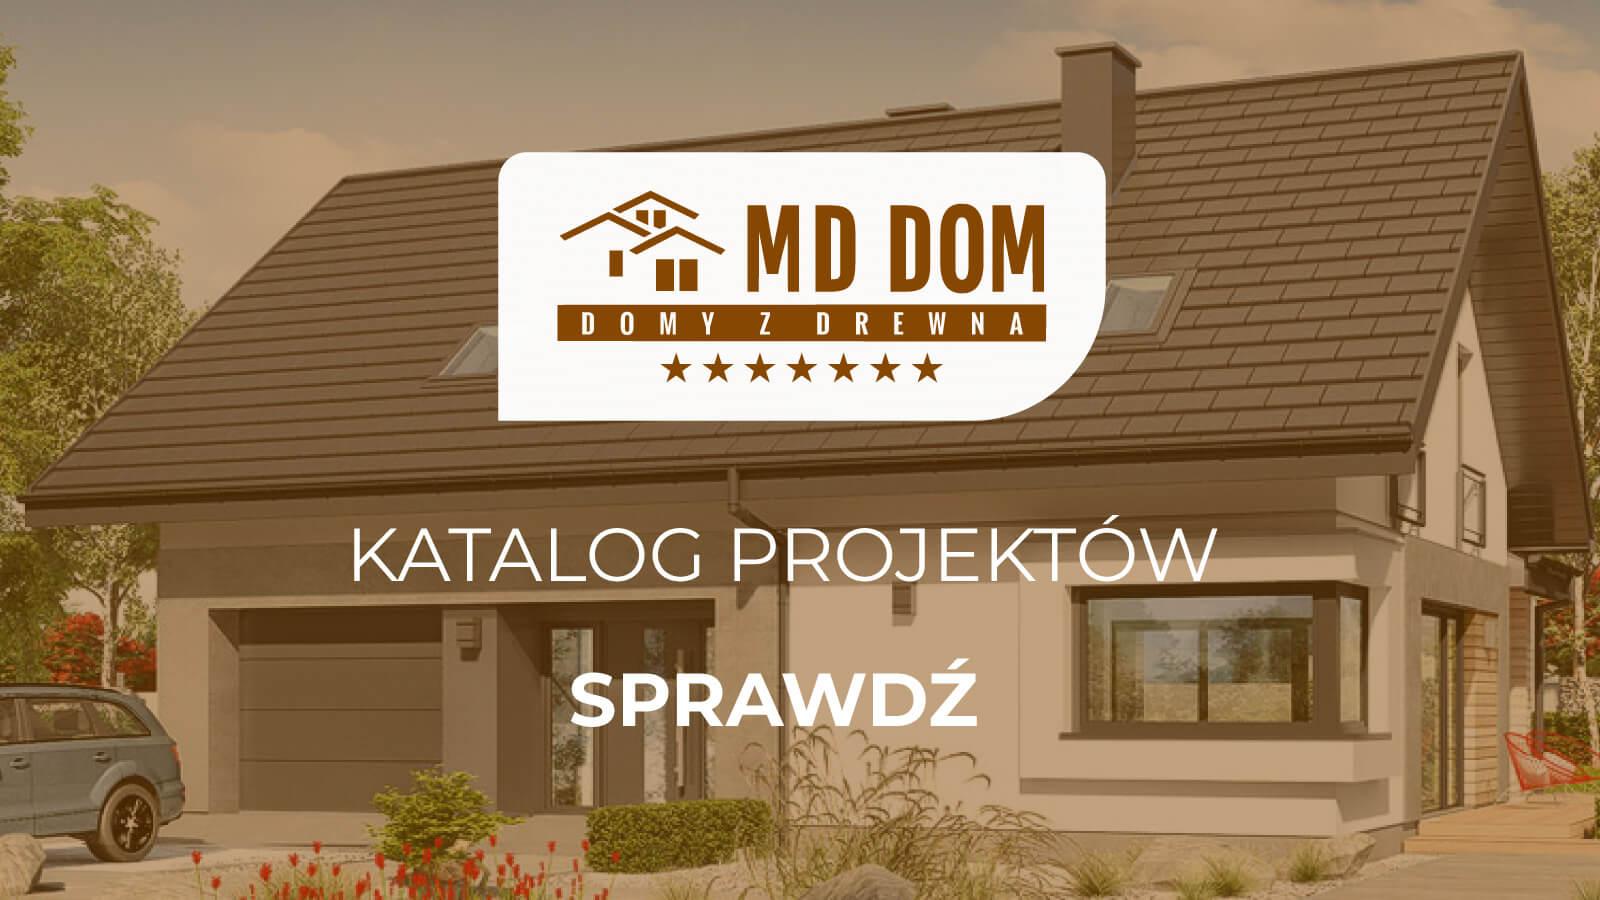 katalog projektów md dom